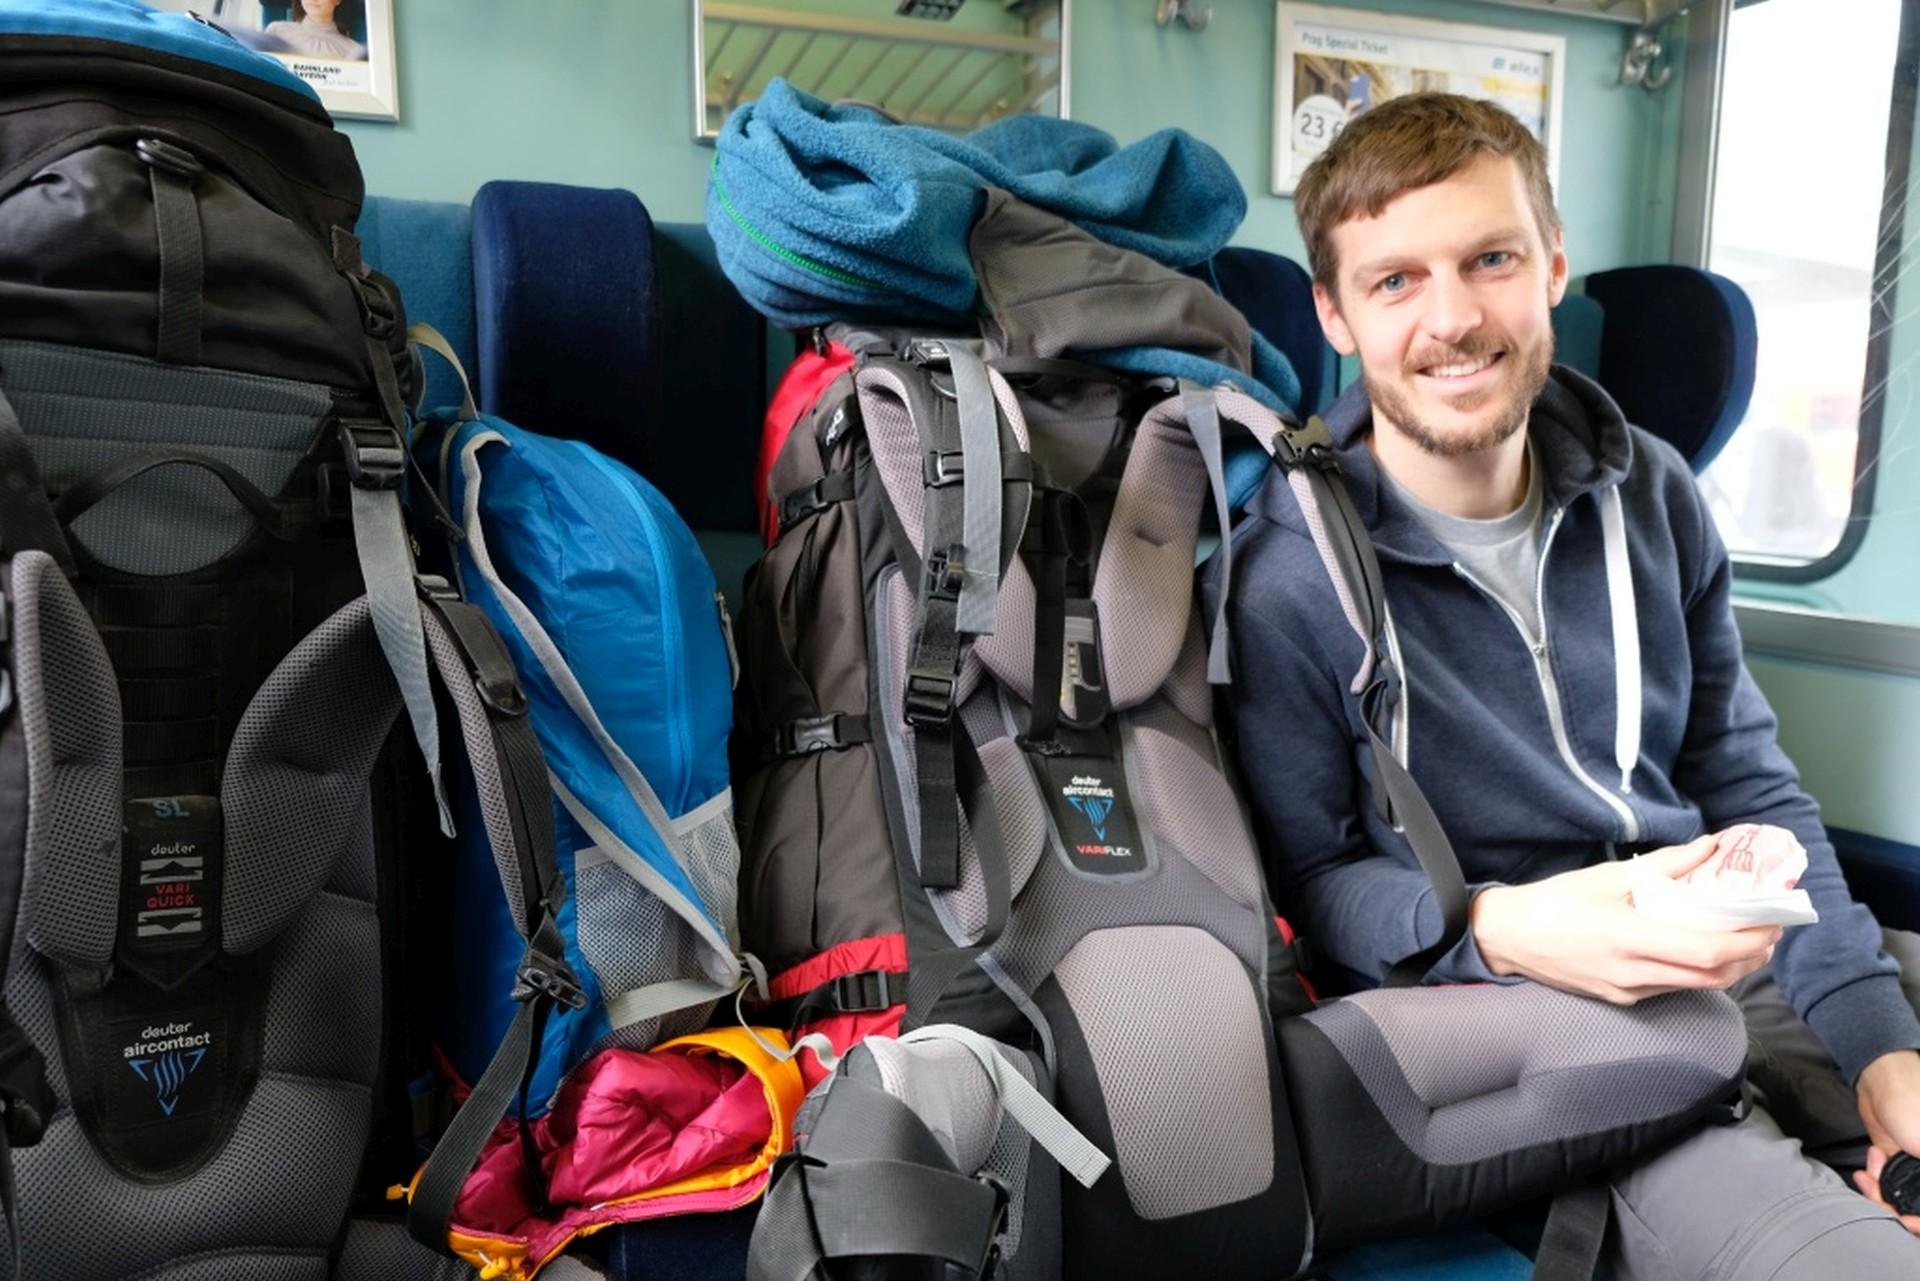 Sebastian sitzt neben zwei Reiserucksäcken im Zug